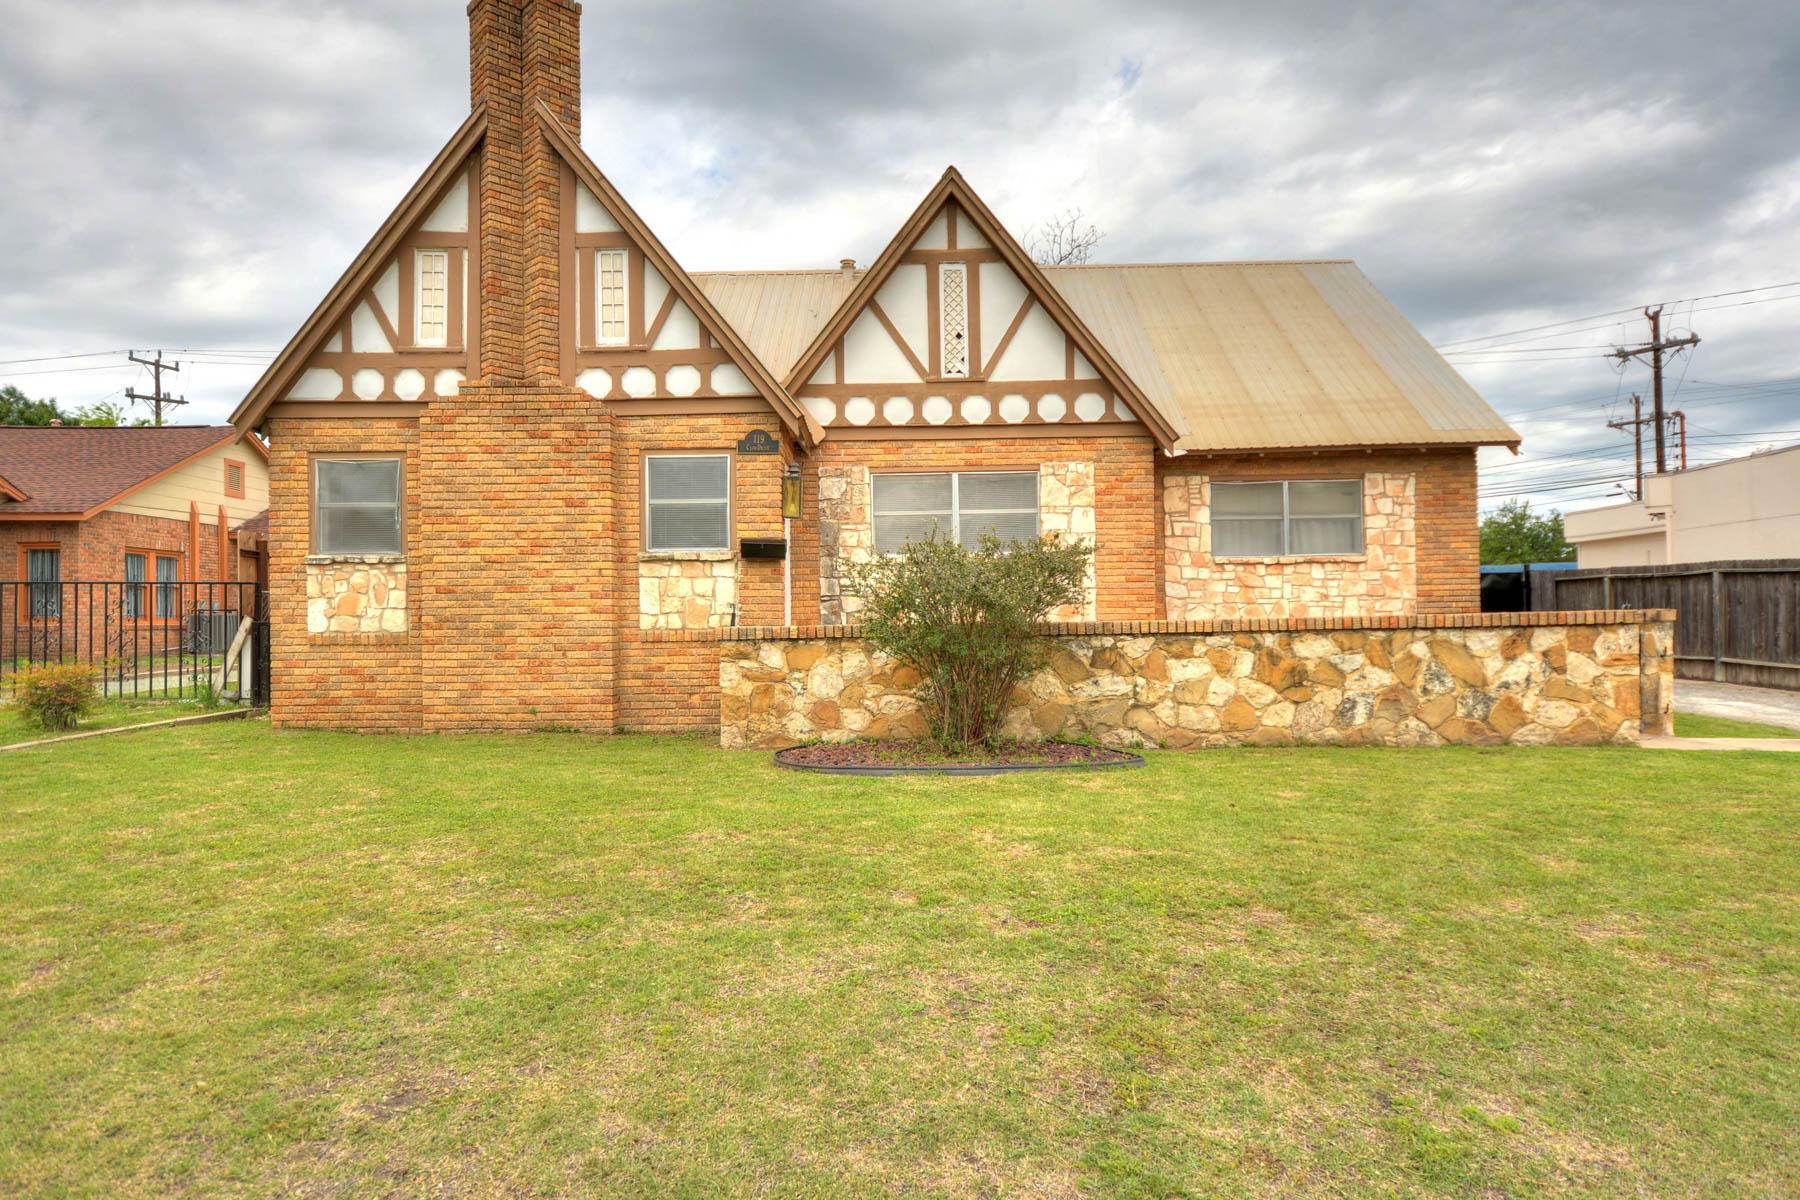 Vivienda unifamiliar por un Venta en Original Home in Historic Monticello Park 119 Club Dr Monticello Park, San Antonio, Texas, 78201 Estados Unidos